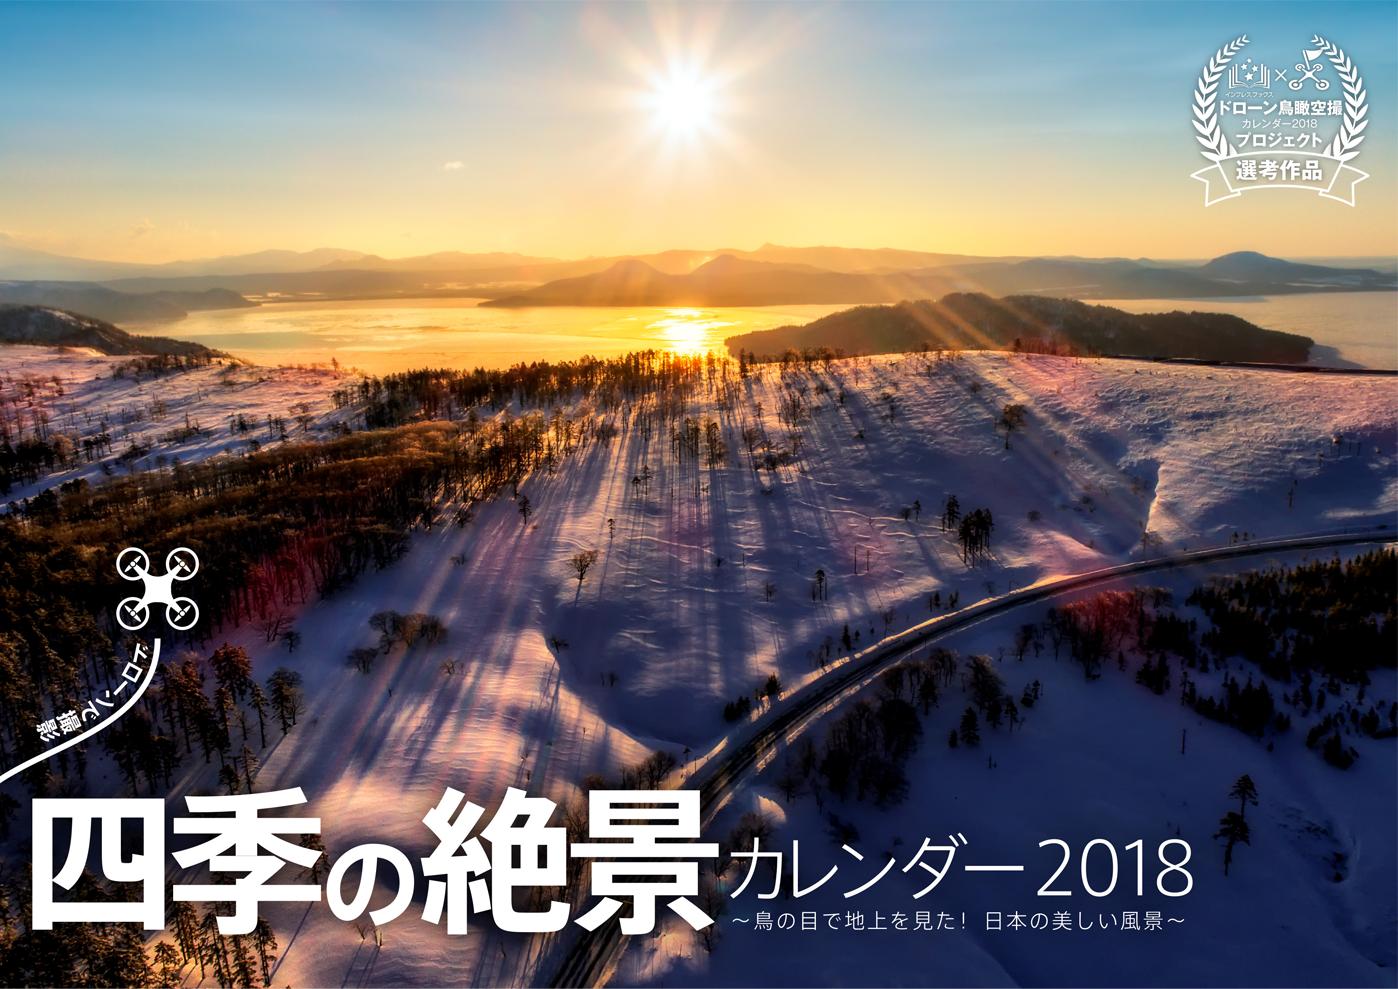 12月3日はカレンダーの日 2018年版 インプレスカレンダー 全32点